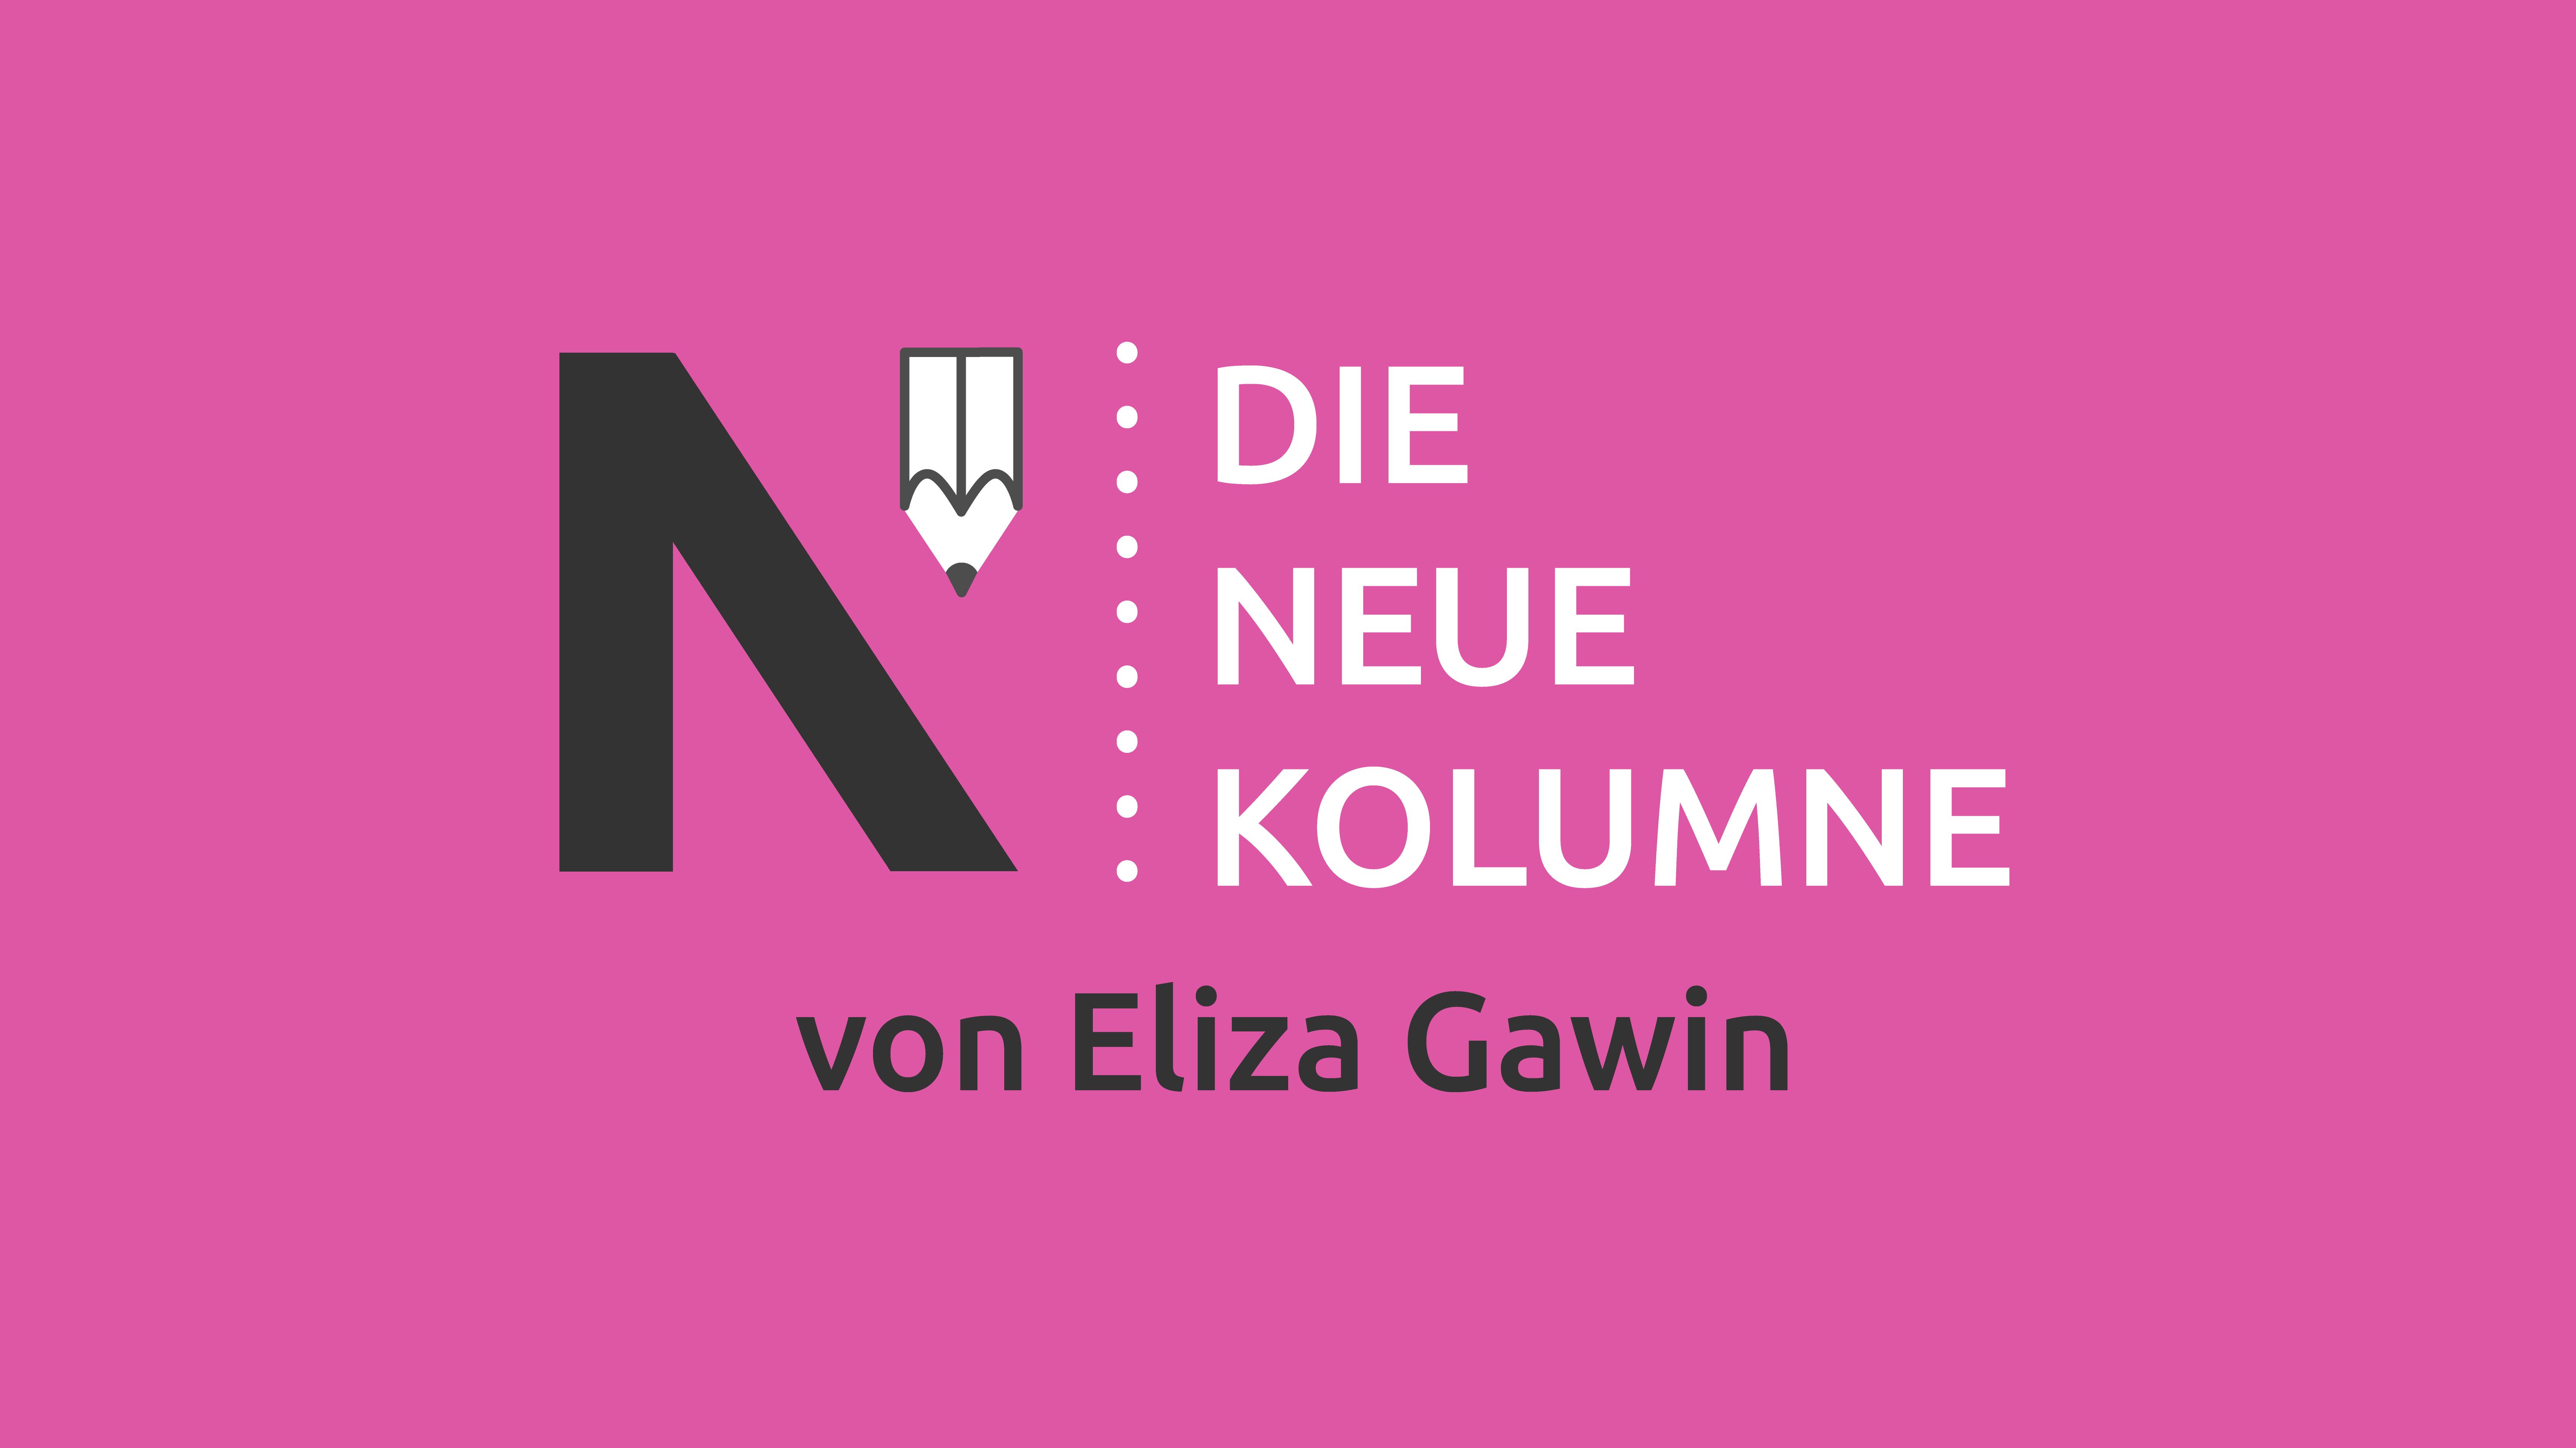 Das Logo von Die Neue Norm auf pinkem Grund. Rechts steht: Die Neue Kolumne. Unten steht: Von Eliza Gawin.